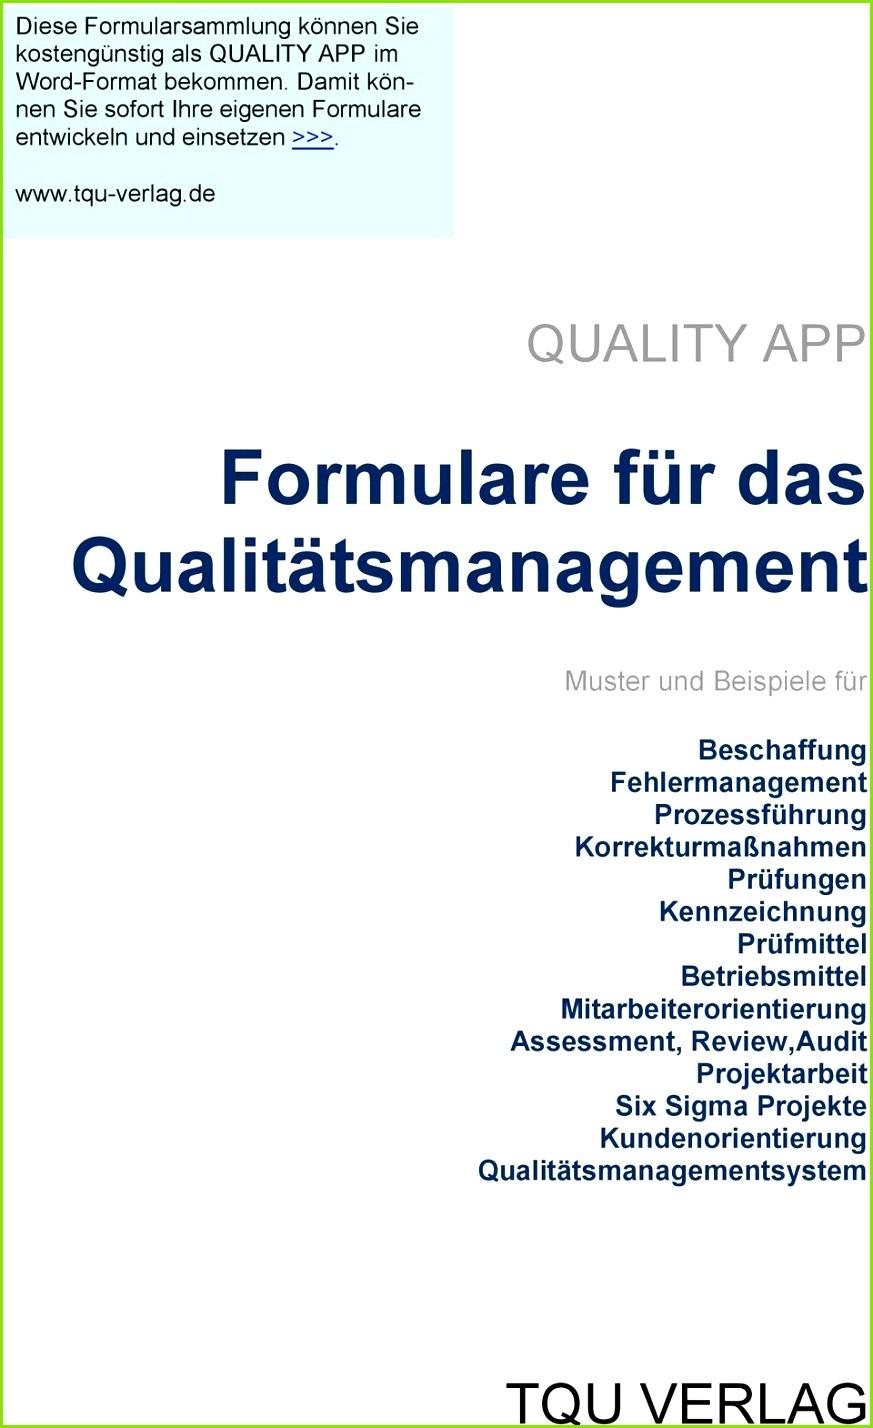 de QUALITY APP Formulare für das Qualitätsmanagement Muster und Beispiele für Beschaffung Fehlermanagement Prozessführung